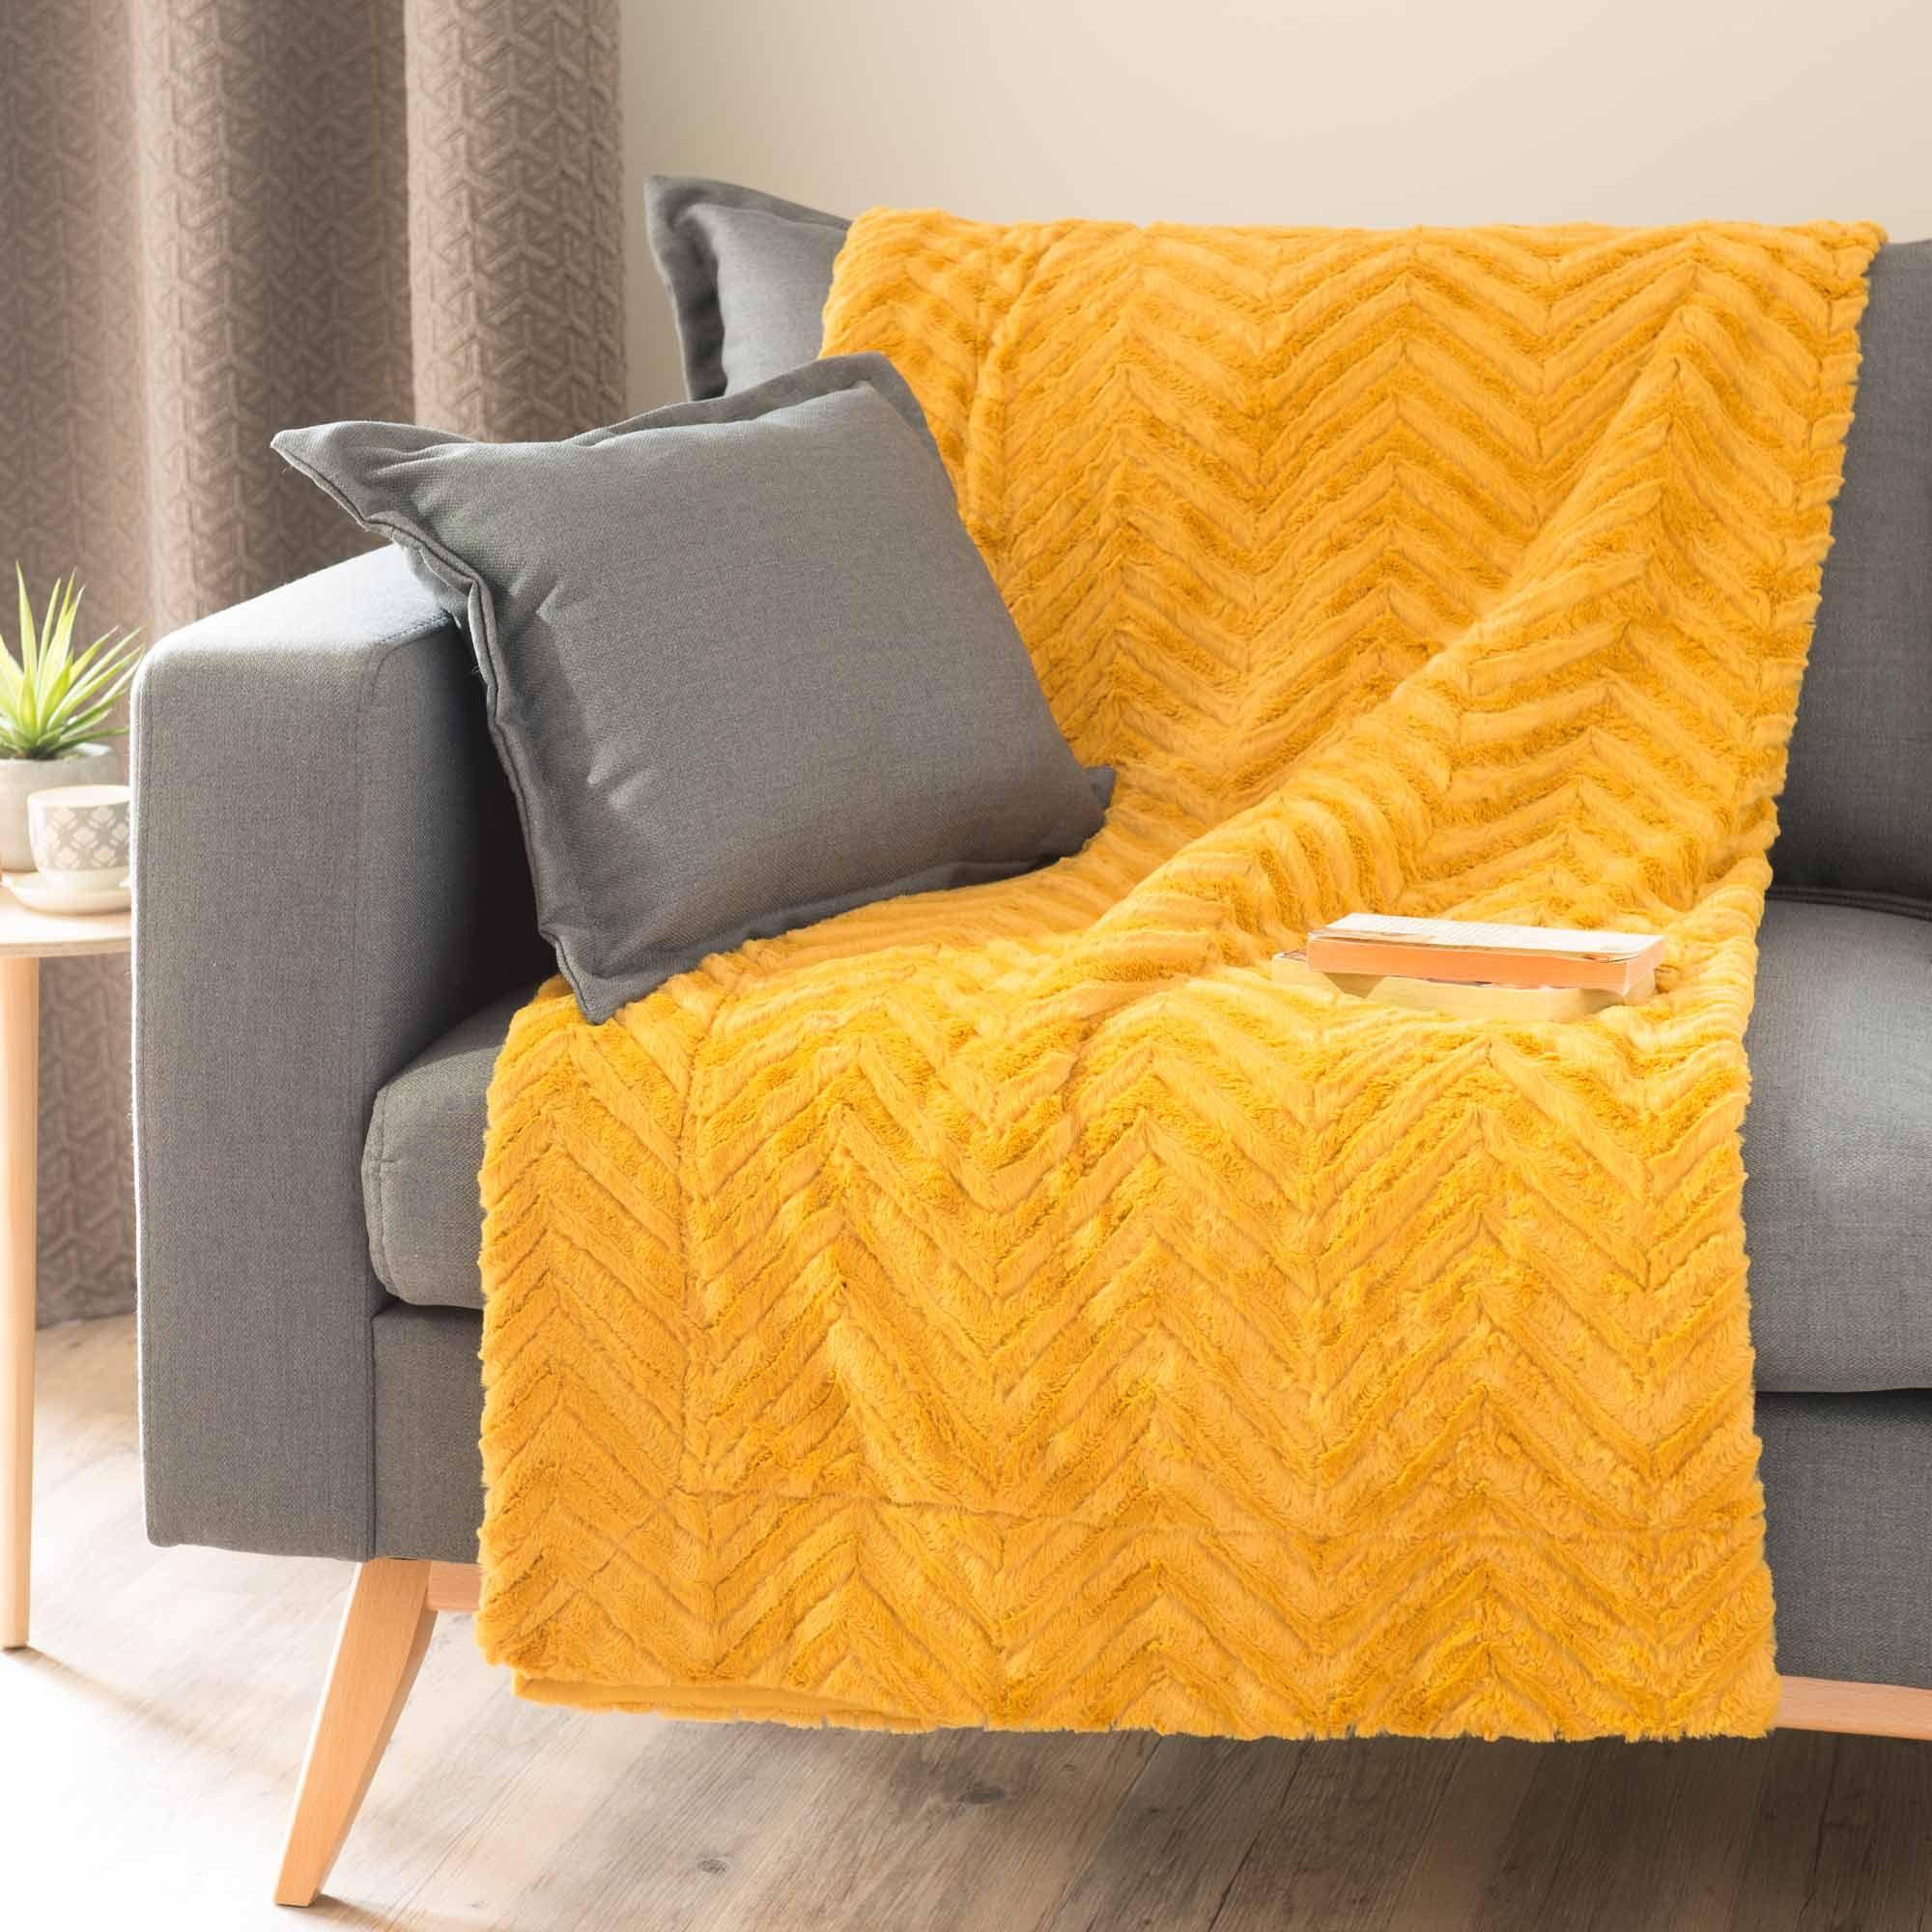 jet en fausse fourrure jaune moutarde 130 x 170 cm pearson my home pinterest fausse. Black Bedroom Furniture Sets. Home Design Ideas